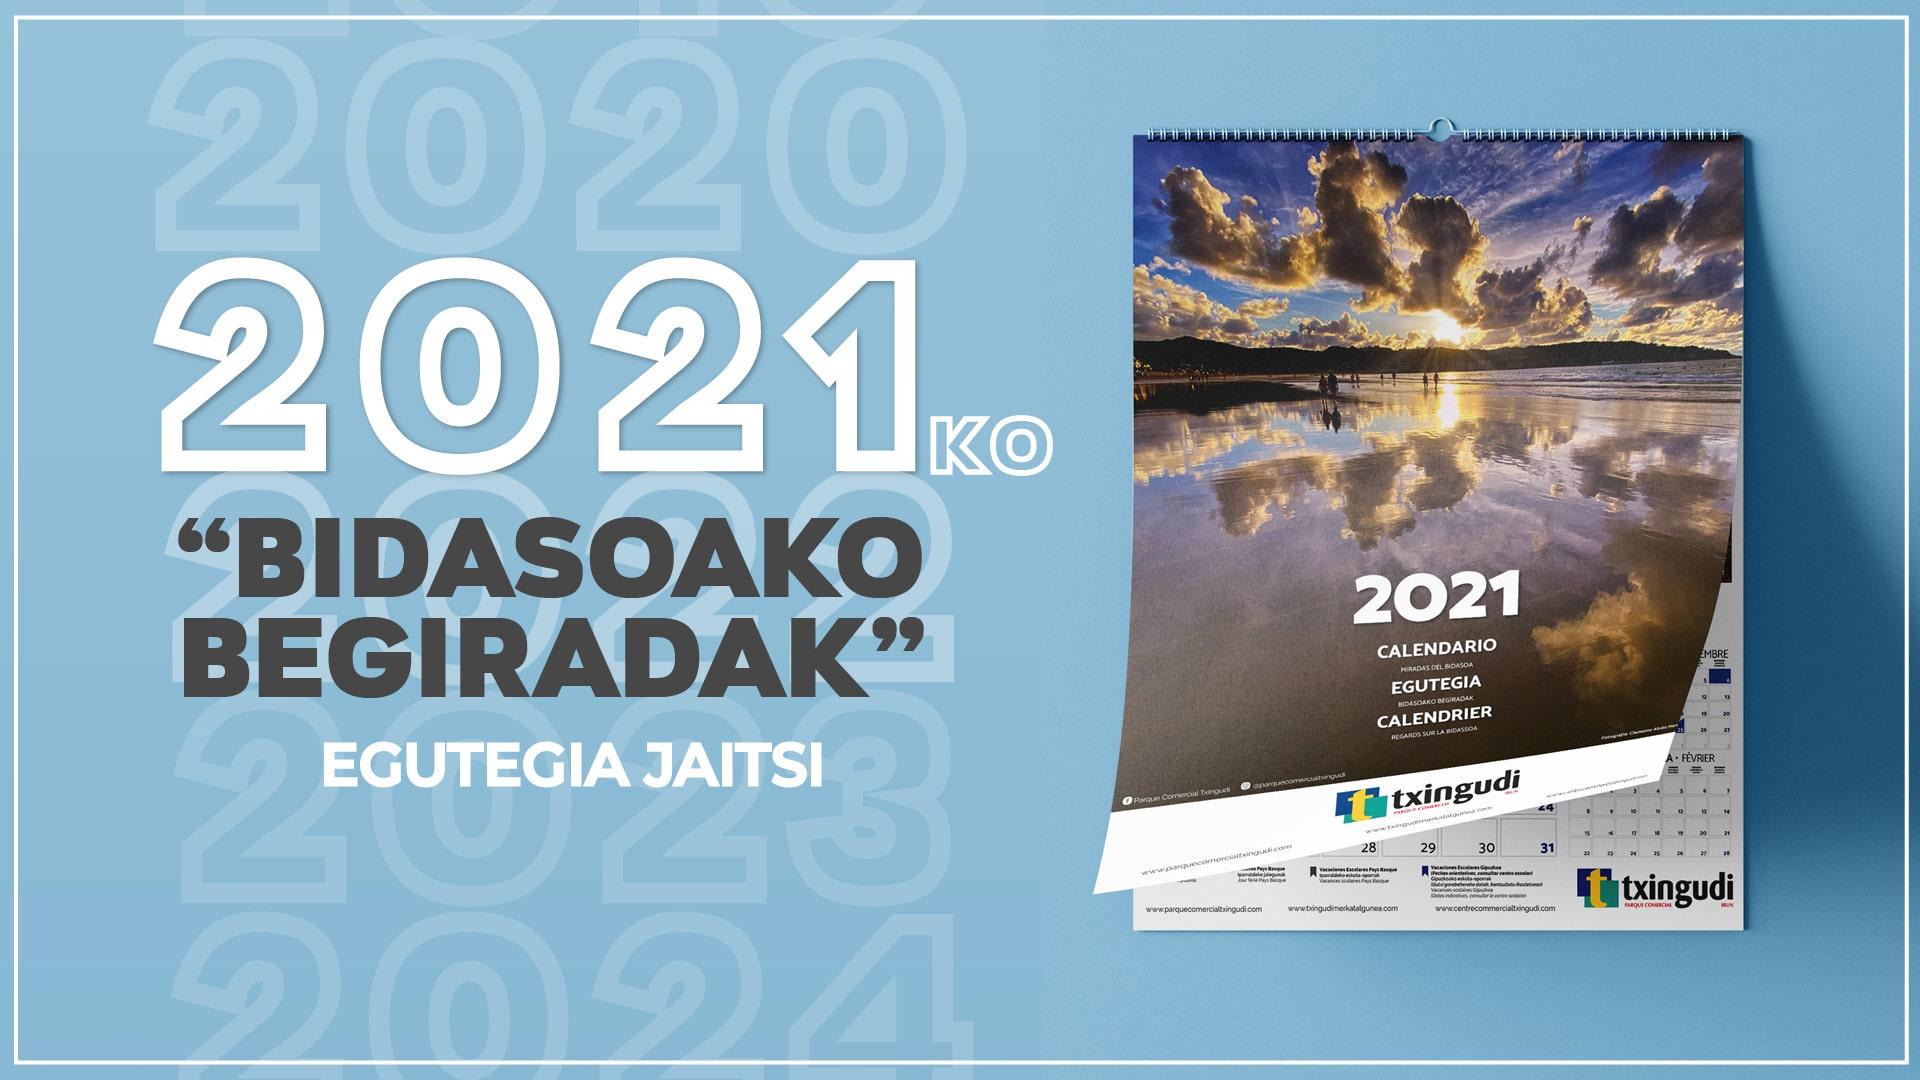 Dagoeneko eskuragarri dago Bidasoako Begiradak 2021 egutegia deskargatzeko!